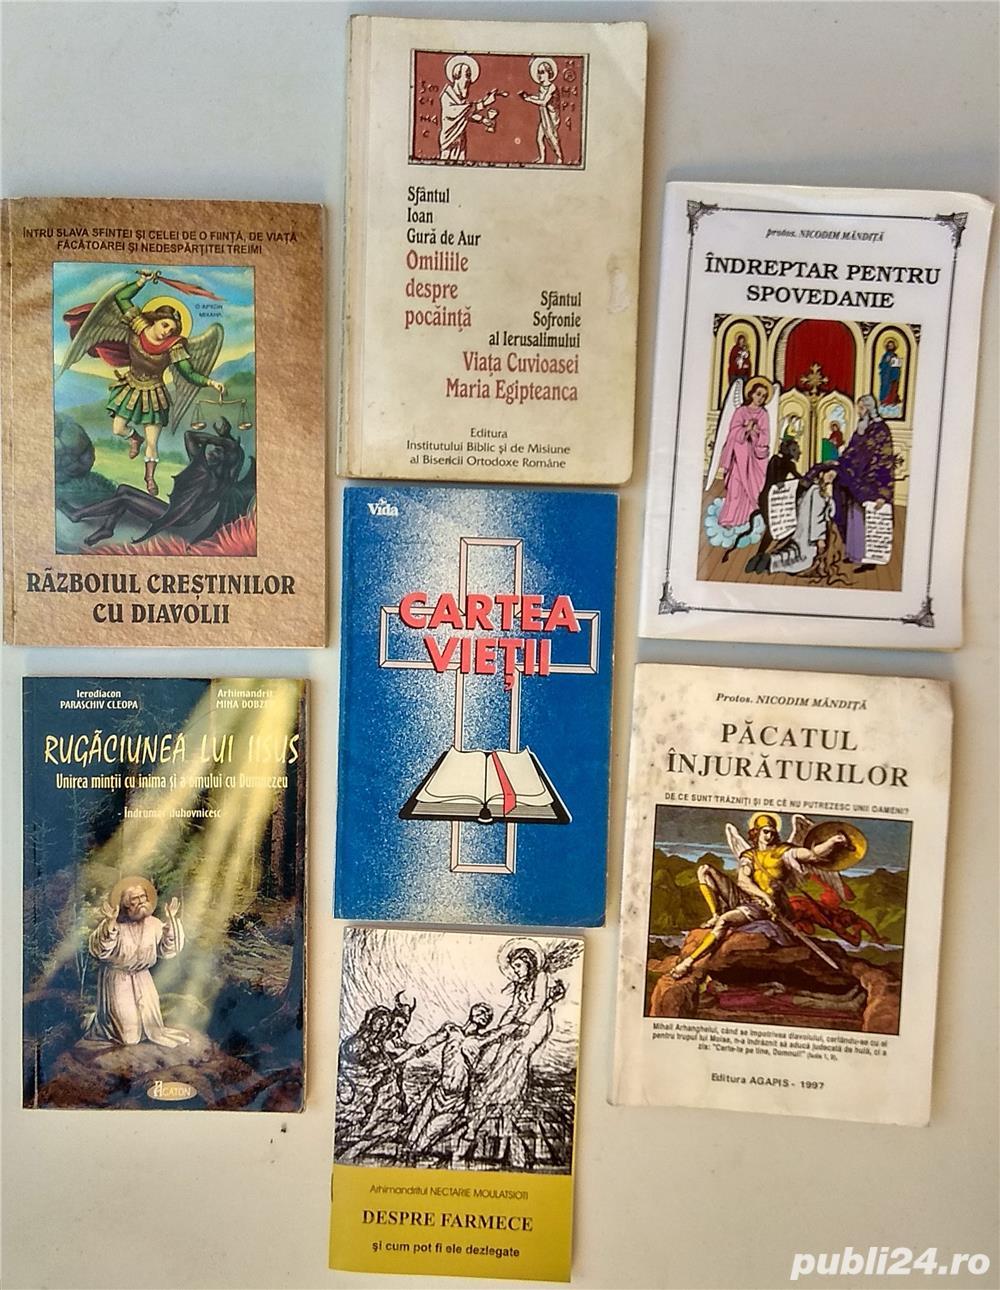 Carti religie, crestinism, ortodoxie, invataturi bisericesti, Sf. Ioan Gura de Aur, etc.